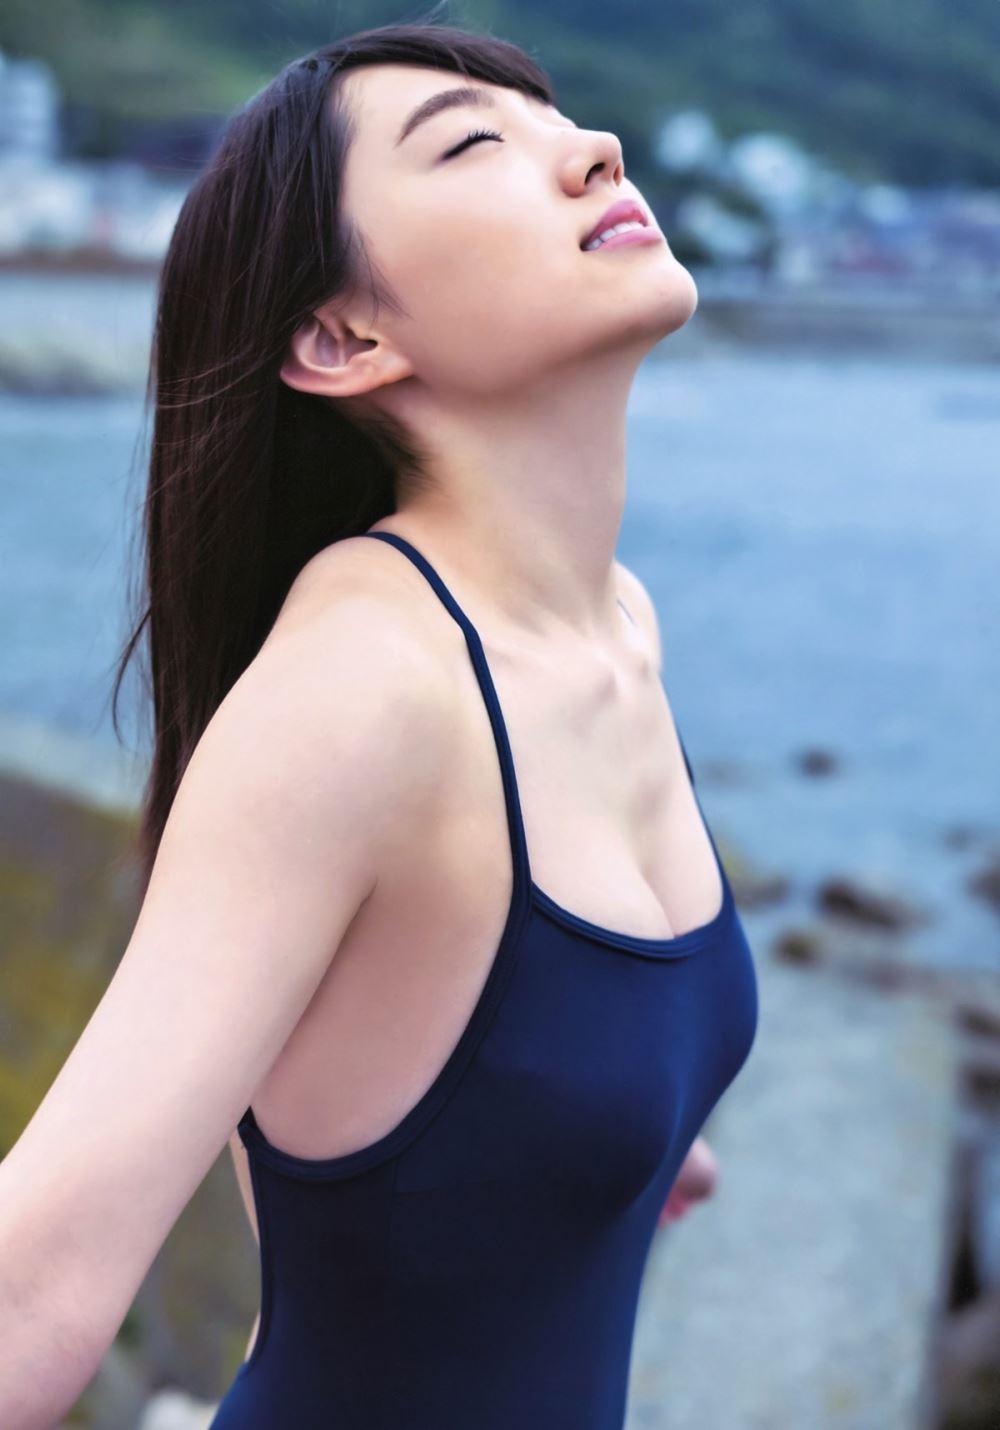 太田夢莉 1万年に1人 可愛い アイドル 水着 画像 27